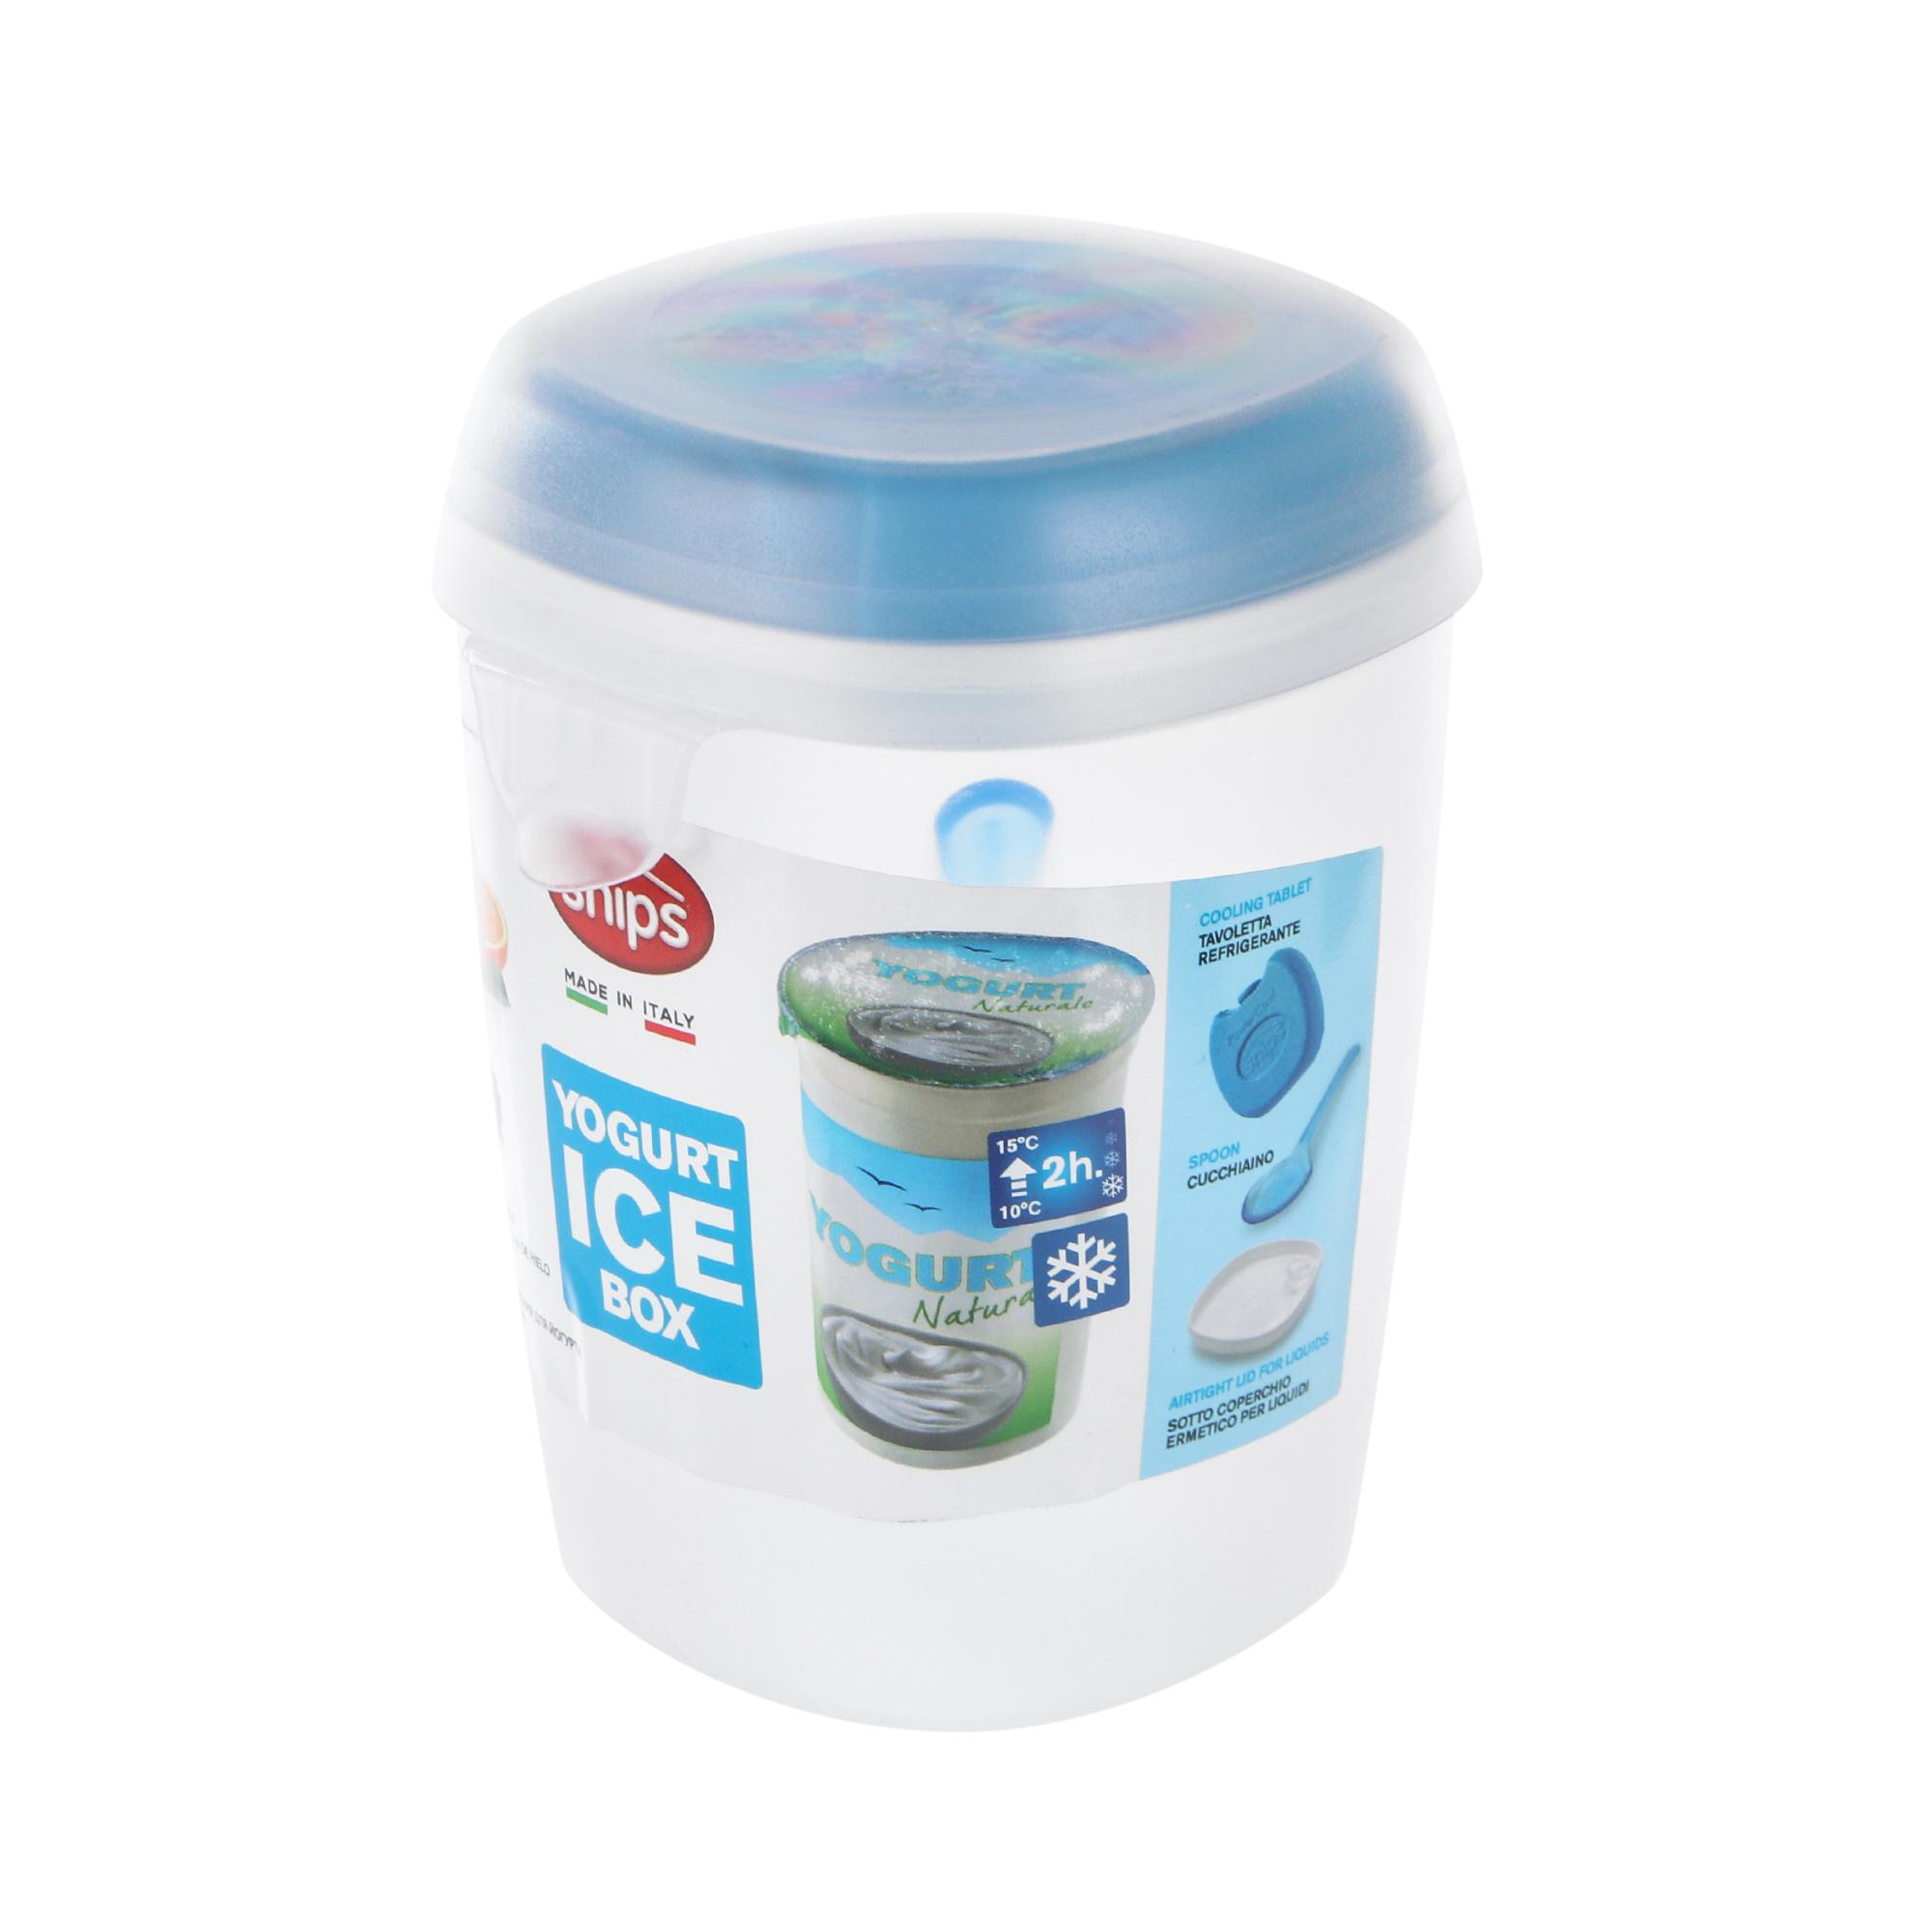 Фото - Контейнер для йогурта Snips с ложкой 500 мл пароварка snips 4 л